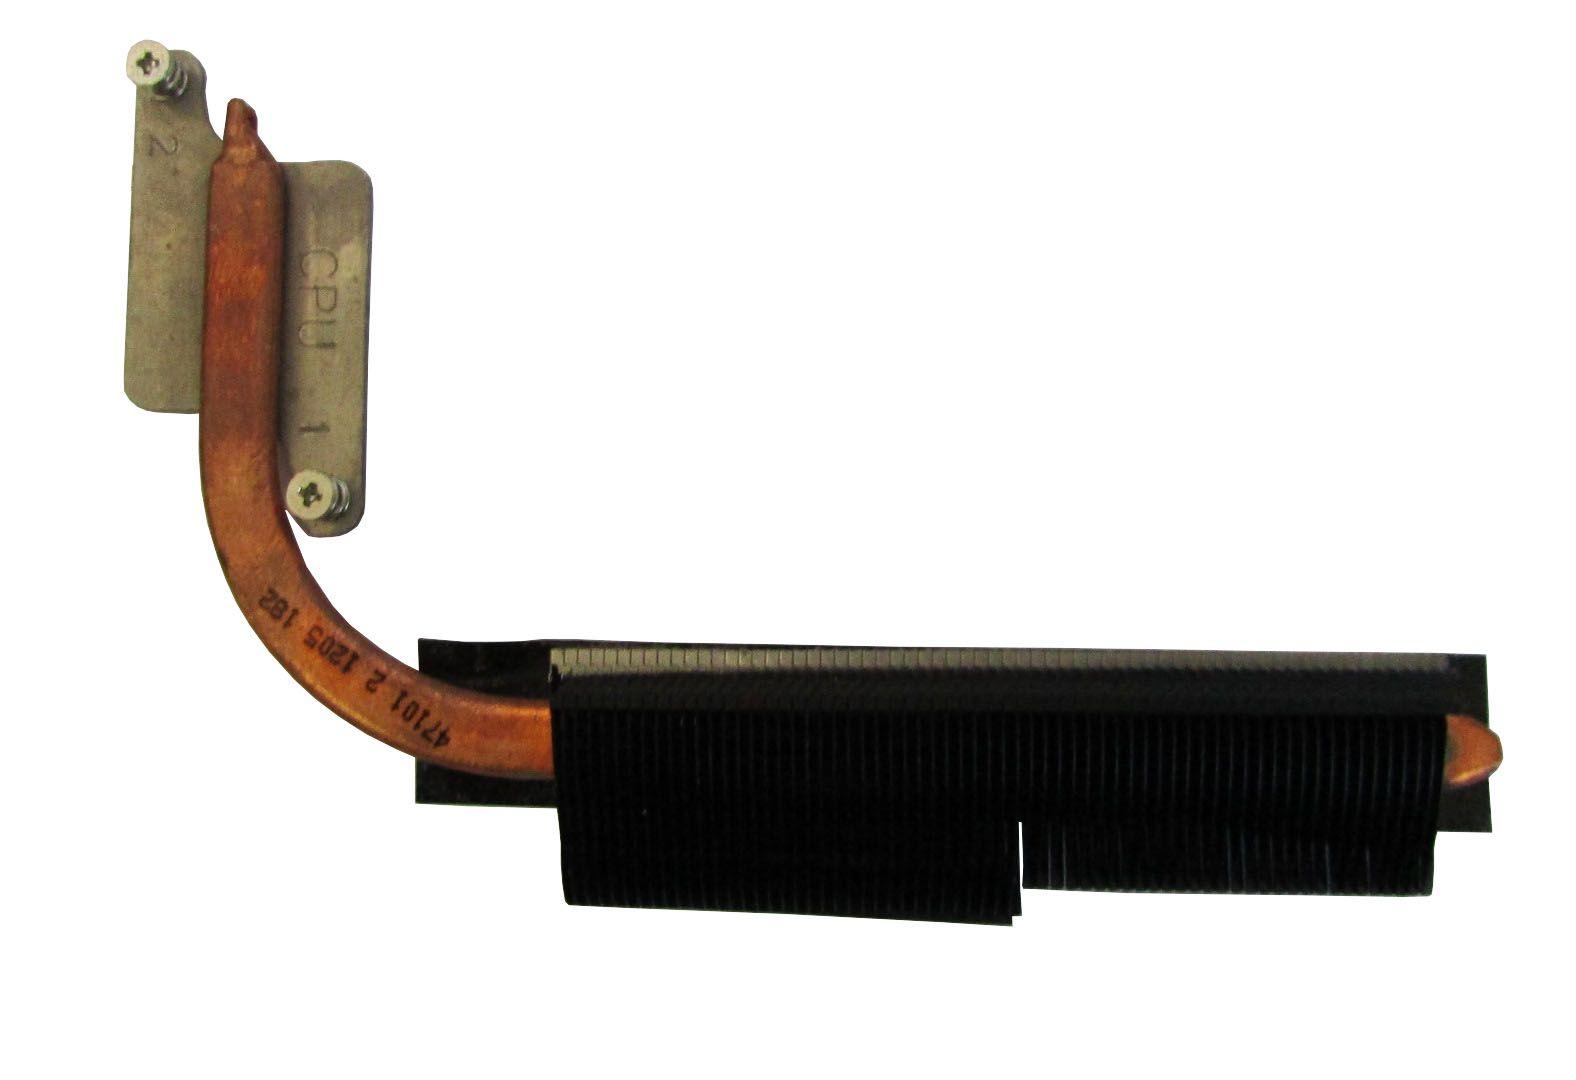 Dissipador Notebook Samsung Rv415 P/N: Ba62-00613a (semi novo)